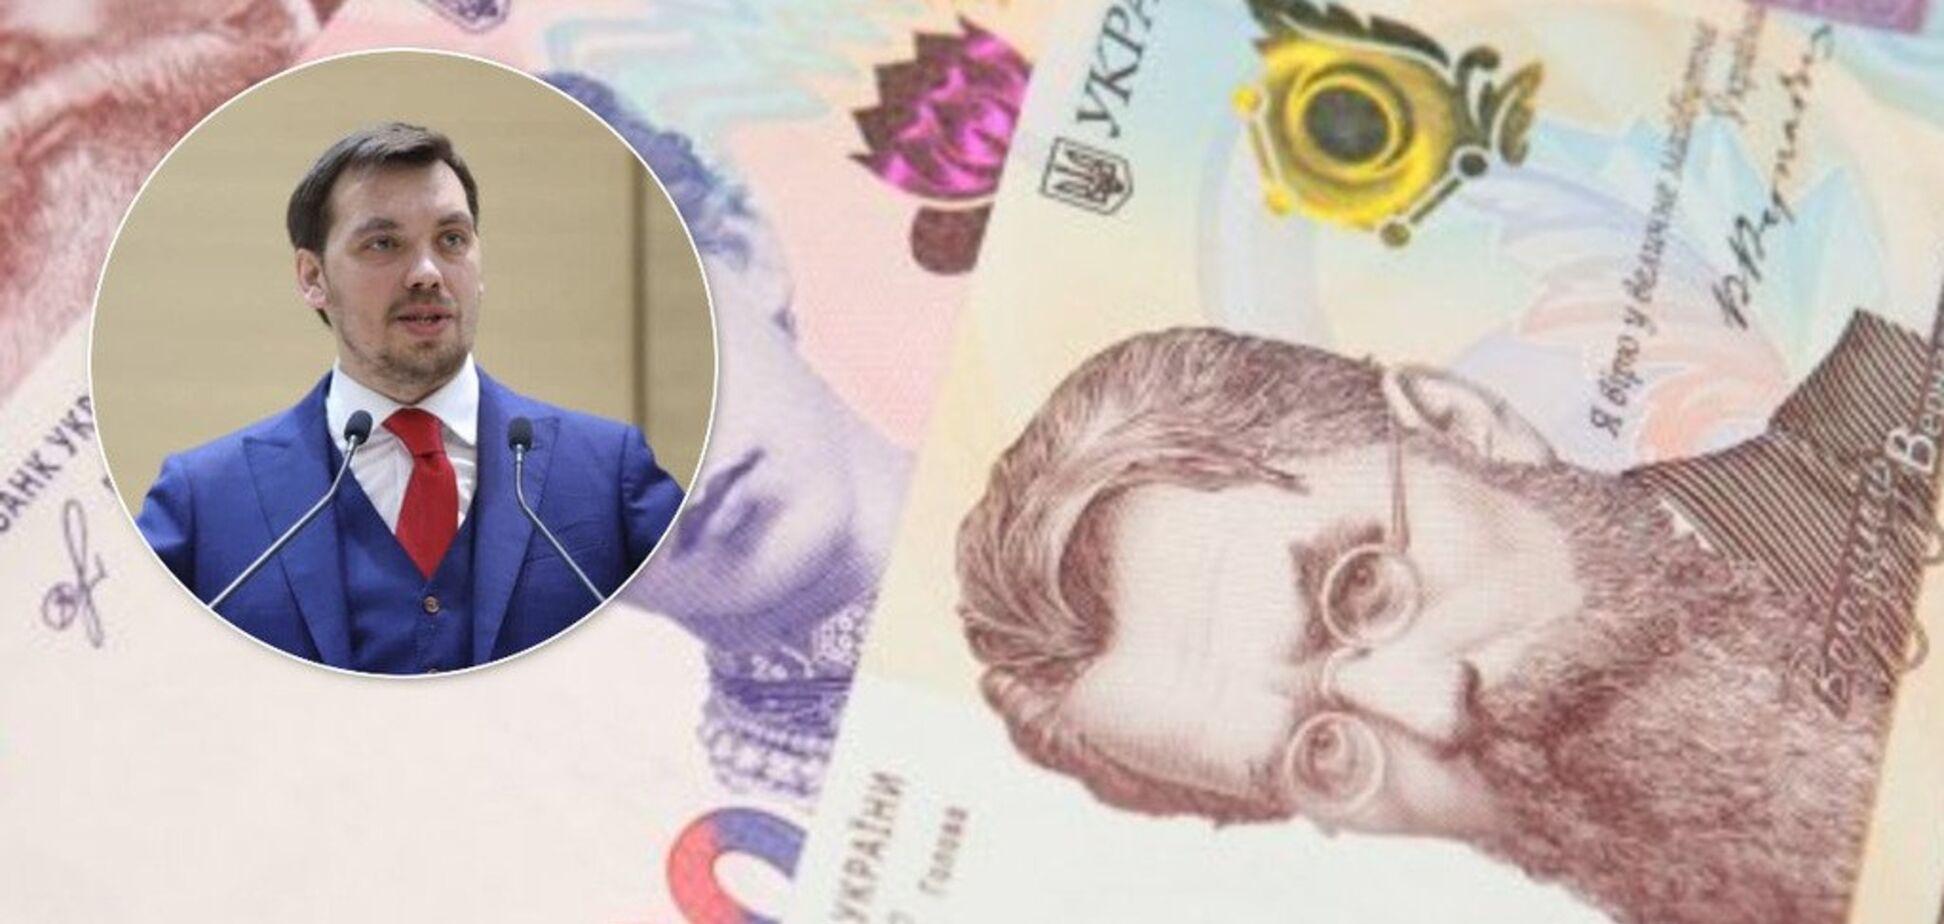 Анонсировал президент: Гончарук объявил о запуске программы дешевых кредитов для бизнеса